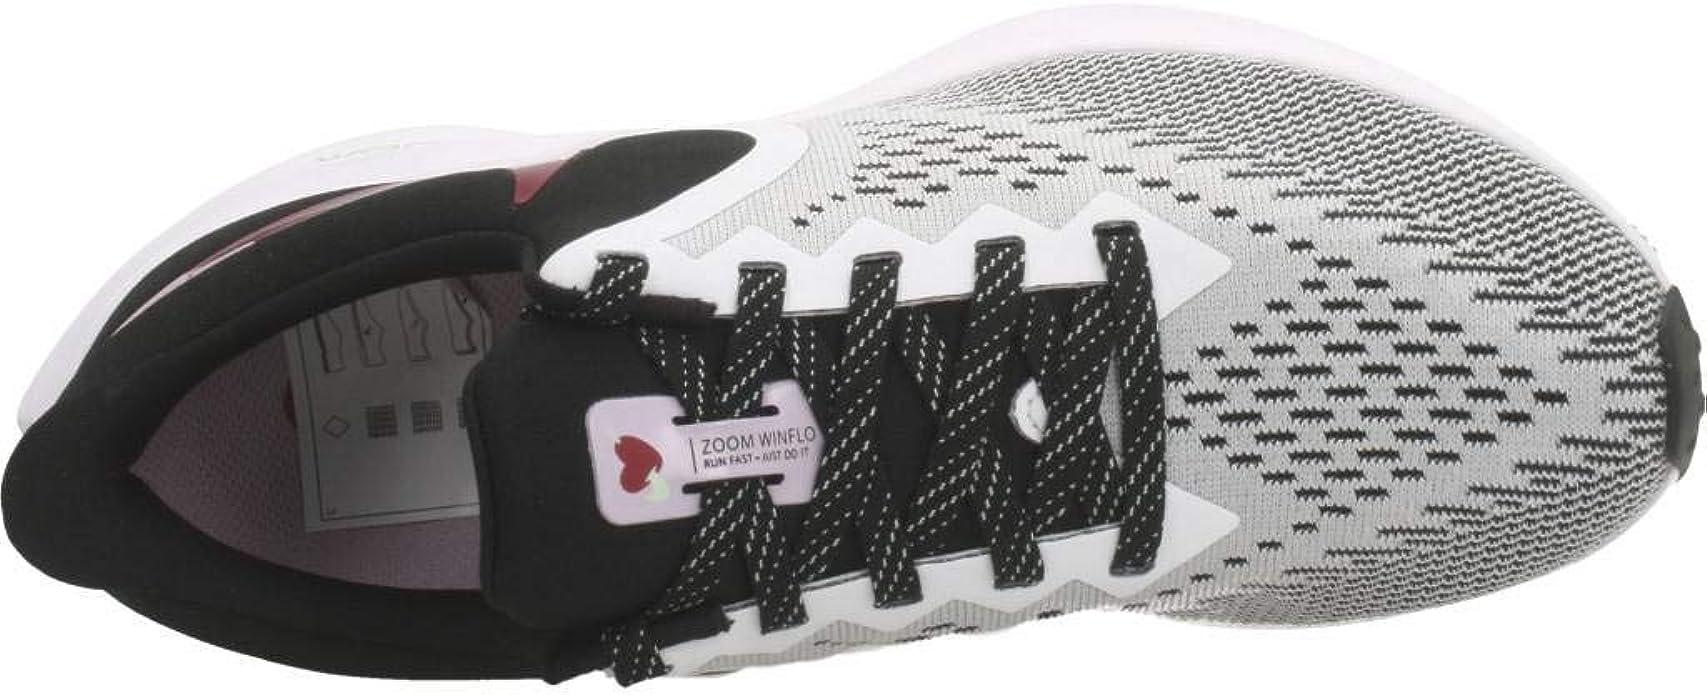 NIKE Wmns Zoom Winflo 6, Zapatillas para Correr para Mujer: Amazon.es: Zapatos y complementos